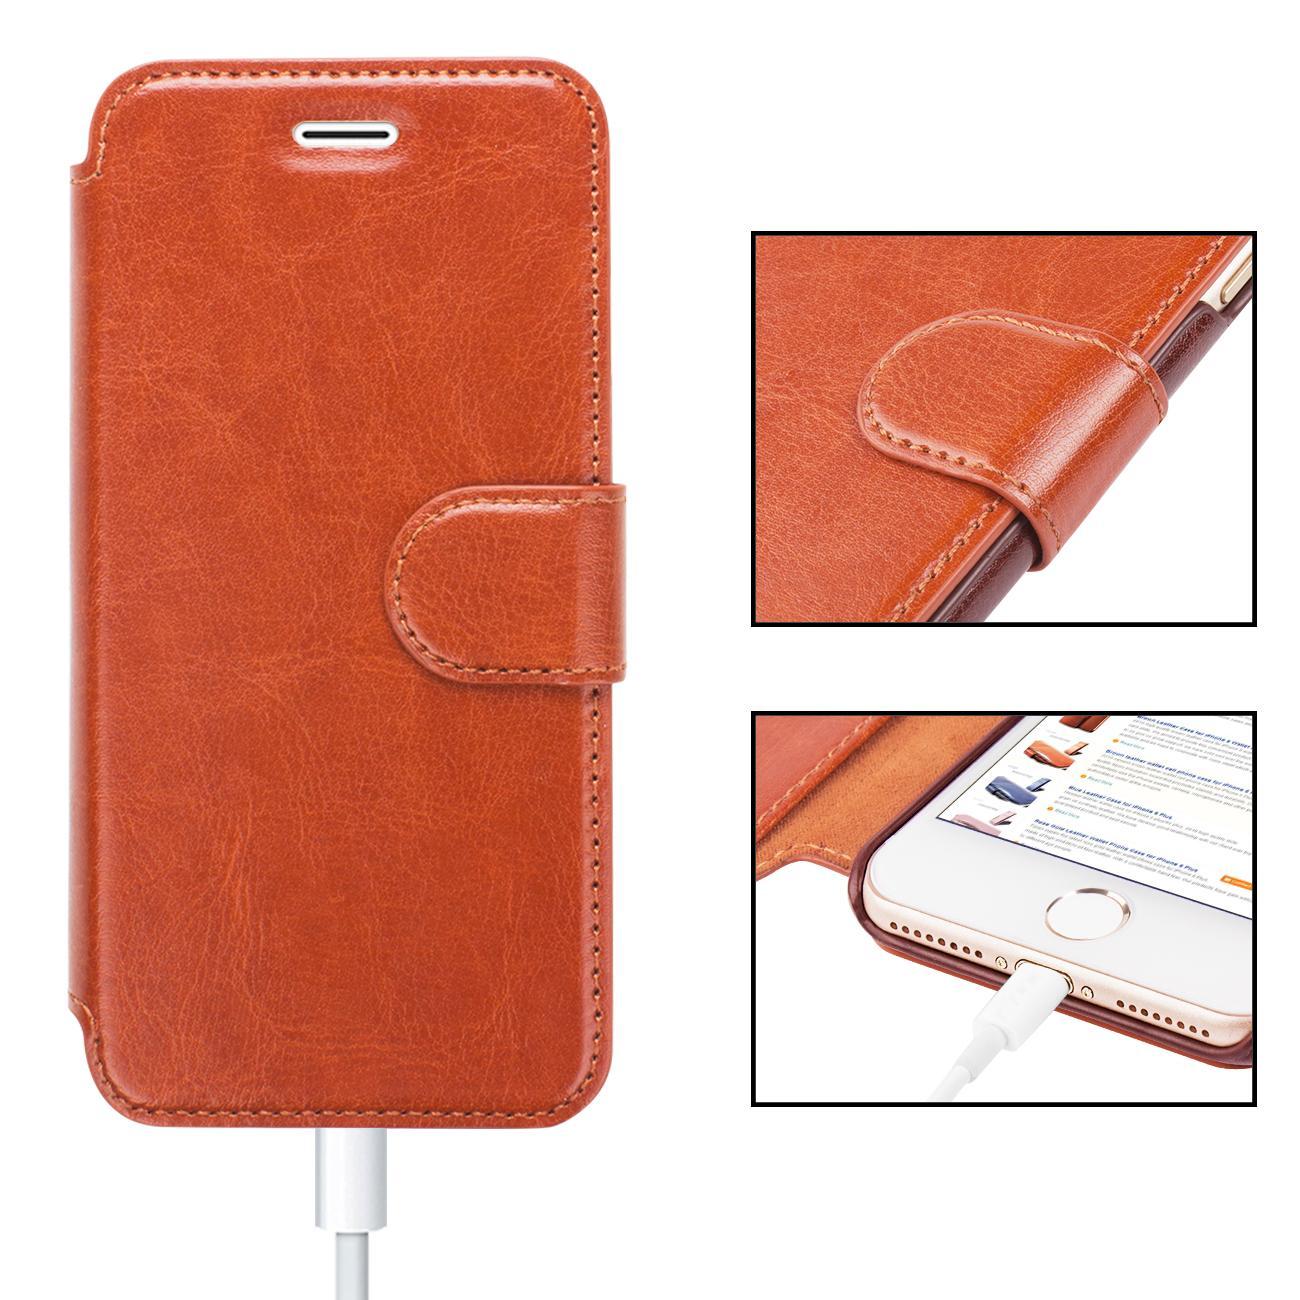 iPhone Designer-For 6 8 7 Caso carteira de couro Plus com Cartões de entalhe de metal magnético Slim Fit Heavy Duty PU flip Caso Brown